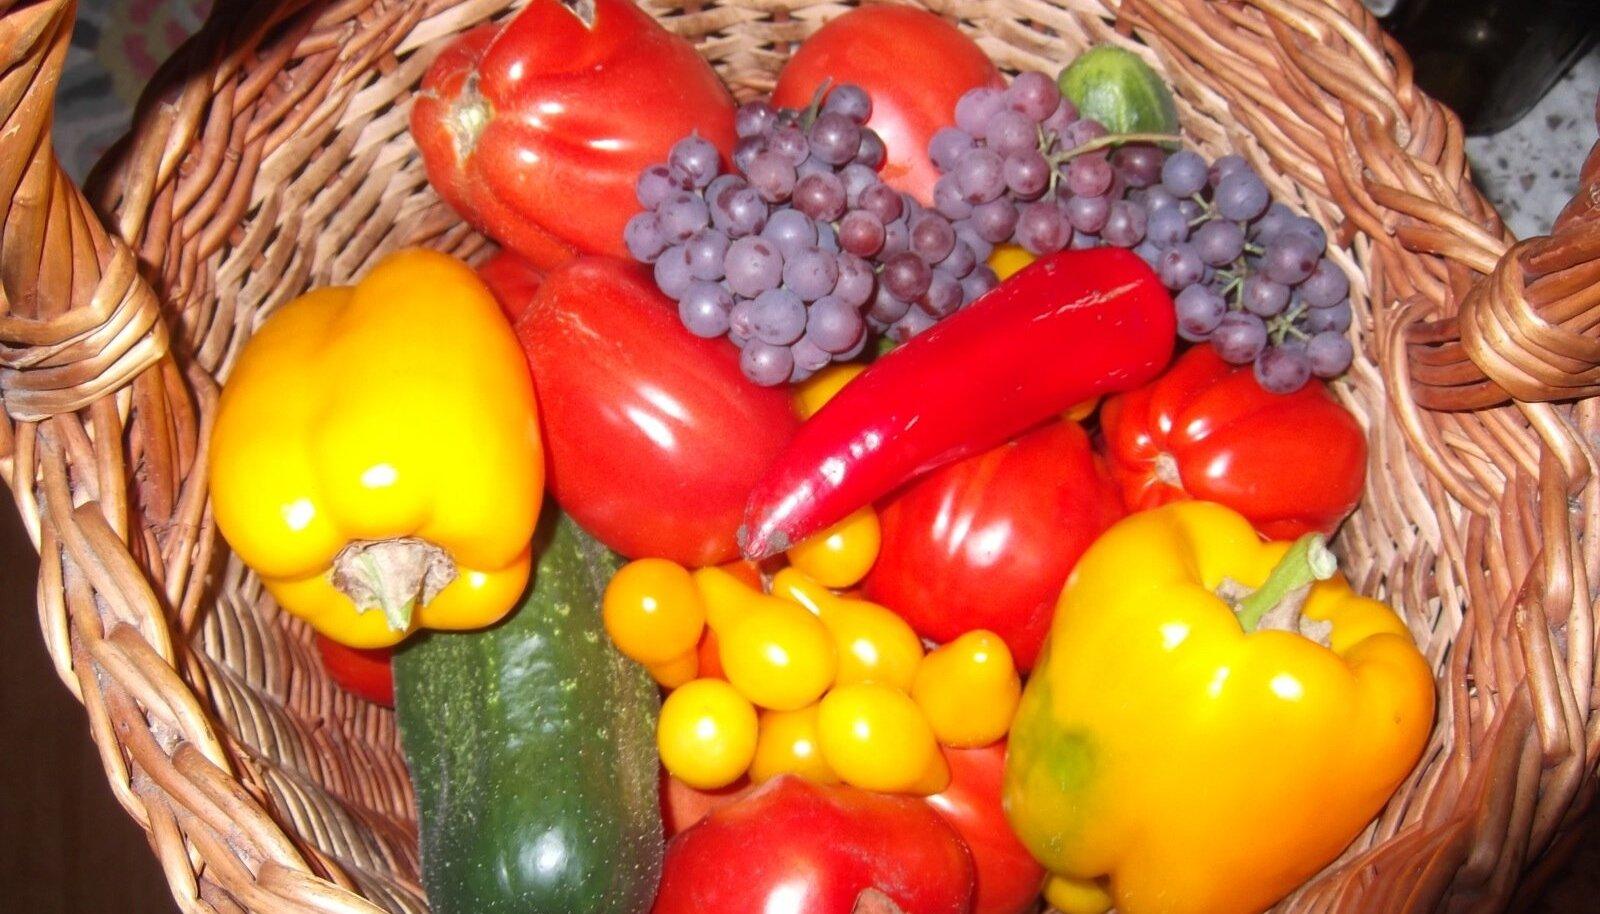 ELi ametkonnad võtavad toidust aastas kümneid tuhandeid proove, et uurida pestitsiidijääkide ja saasteainete sisaldust.